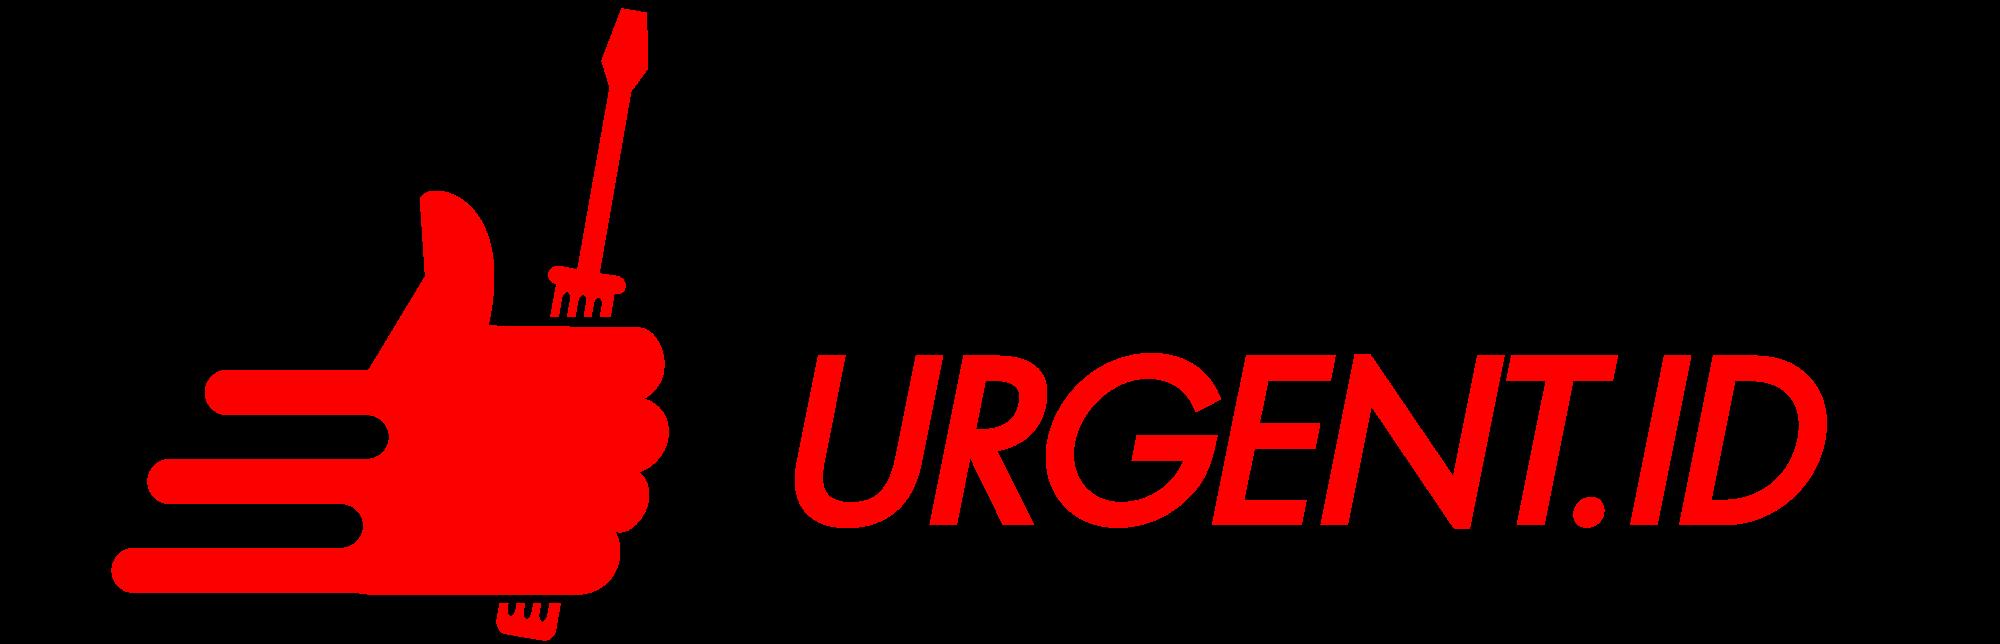 URGENT.ID